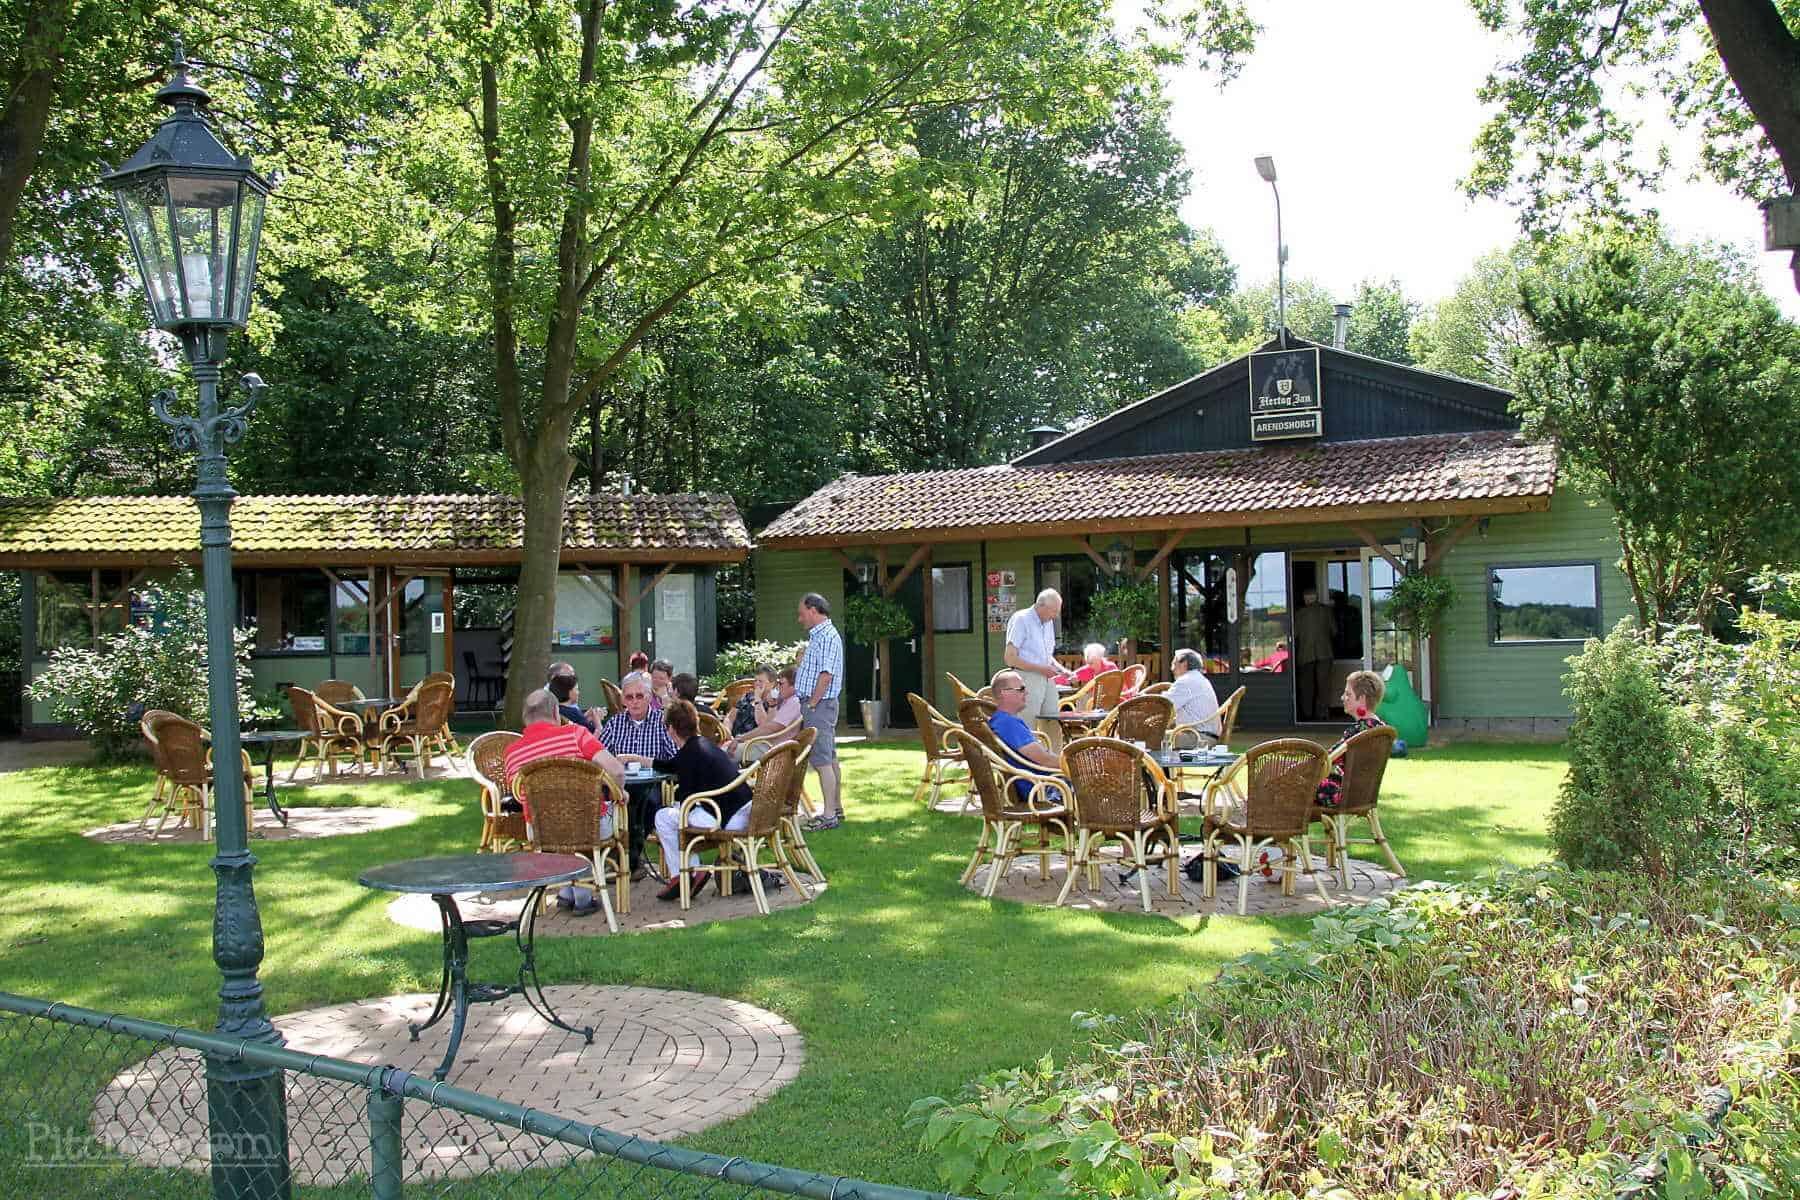 resort-de-arendshorst-ommen-terras-camping-bungalow